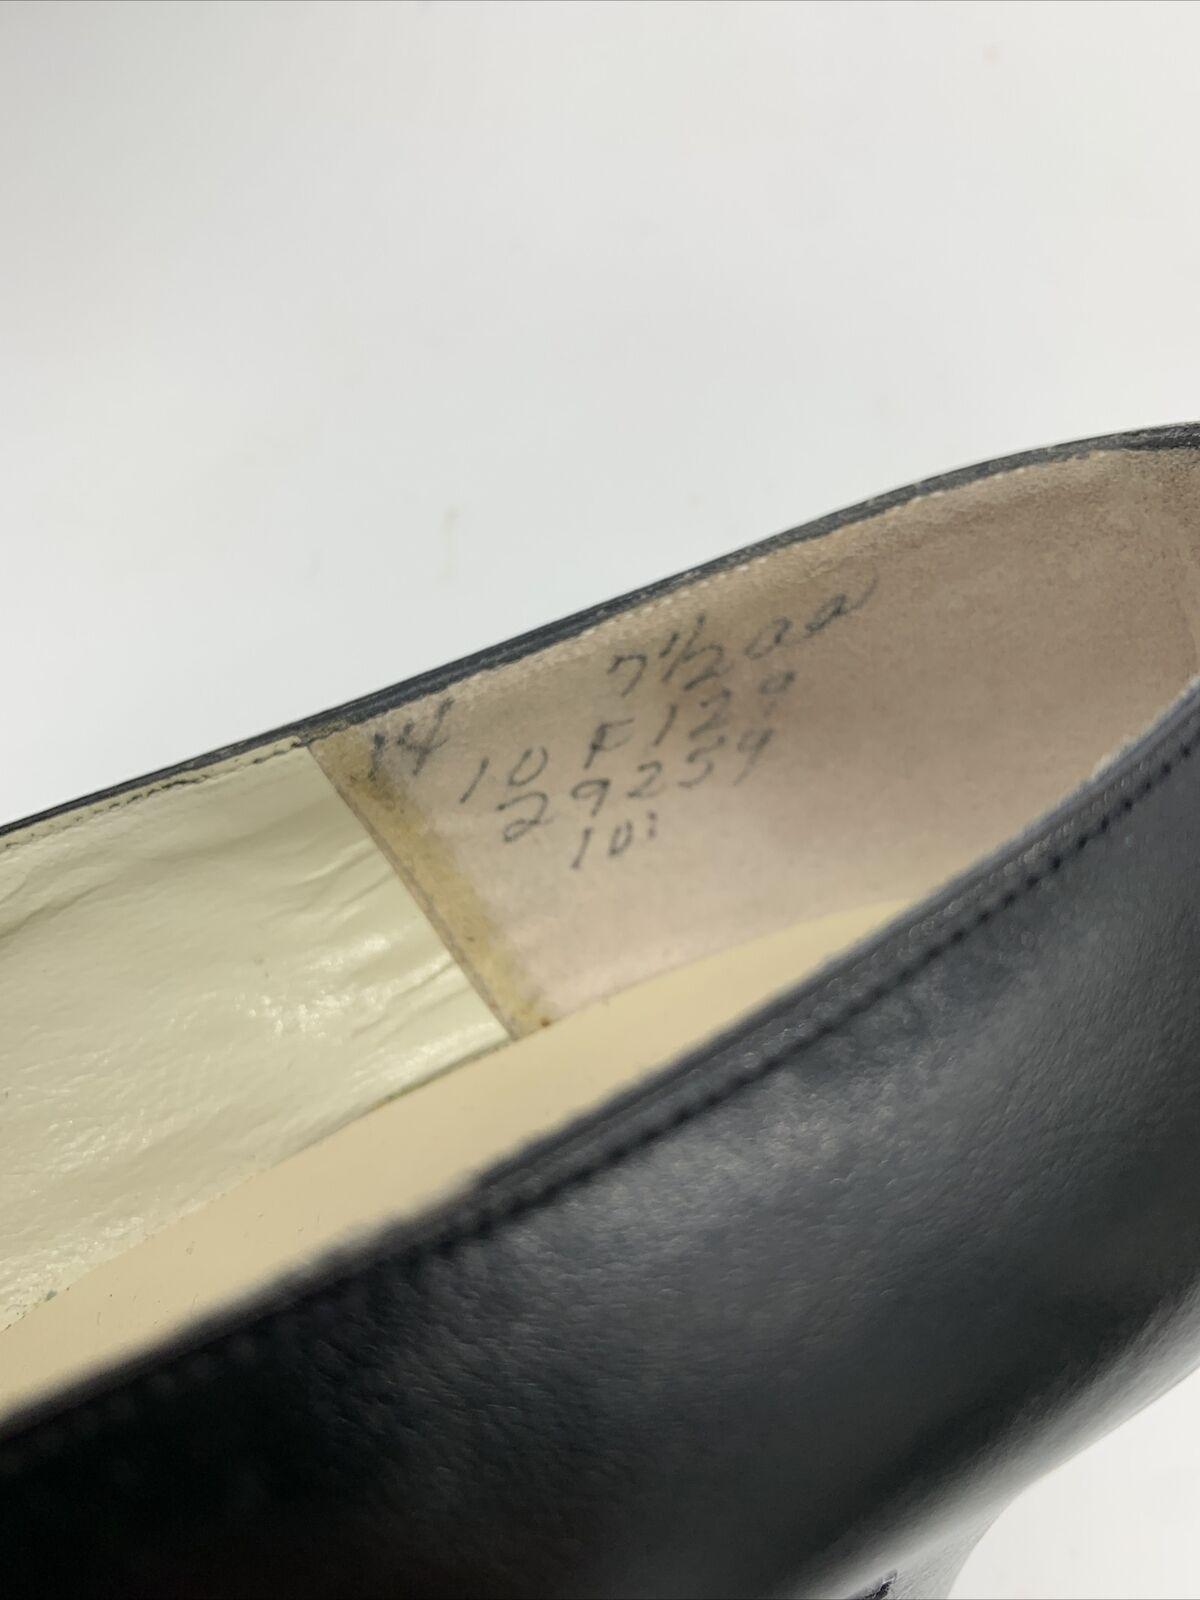 Antique Edwardian Bonwit Teller Black Leather Sho… - image 5